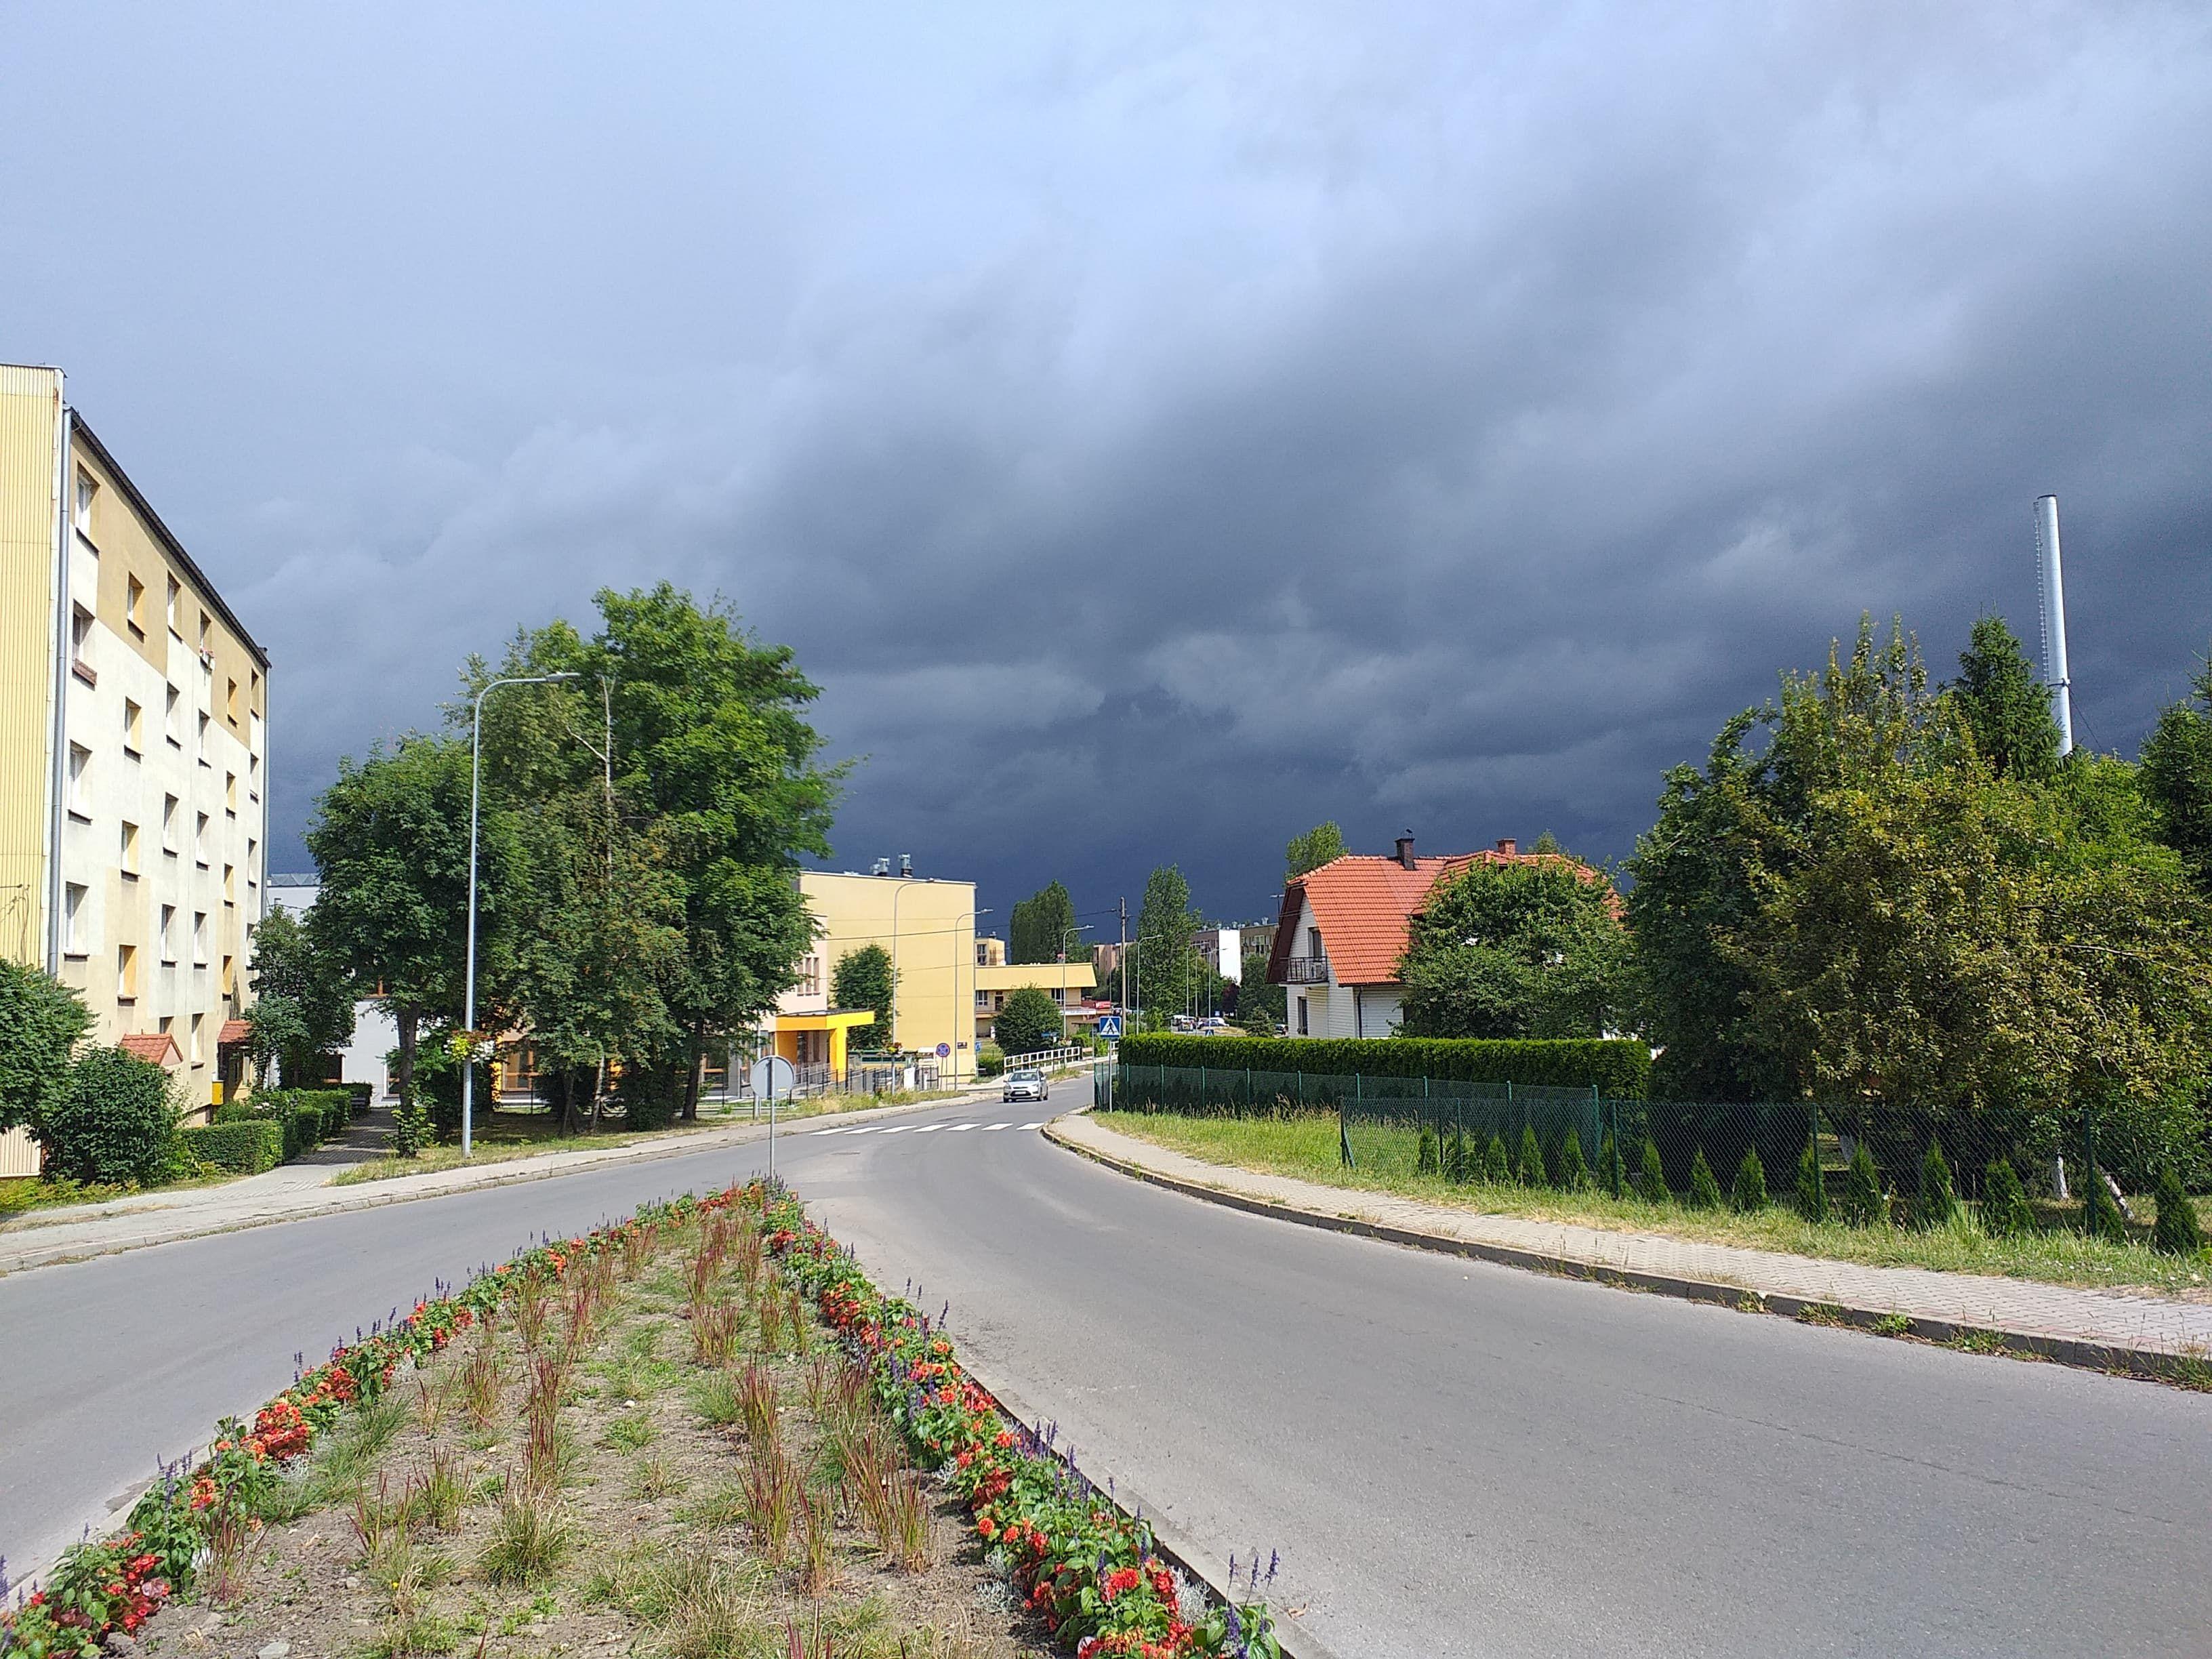 Kolejne ostrzeżenia o burzach z gradem. Mieszkańcy otrzymują alerty pogodowe